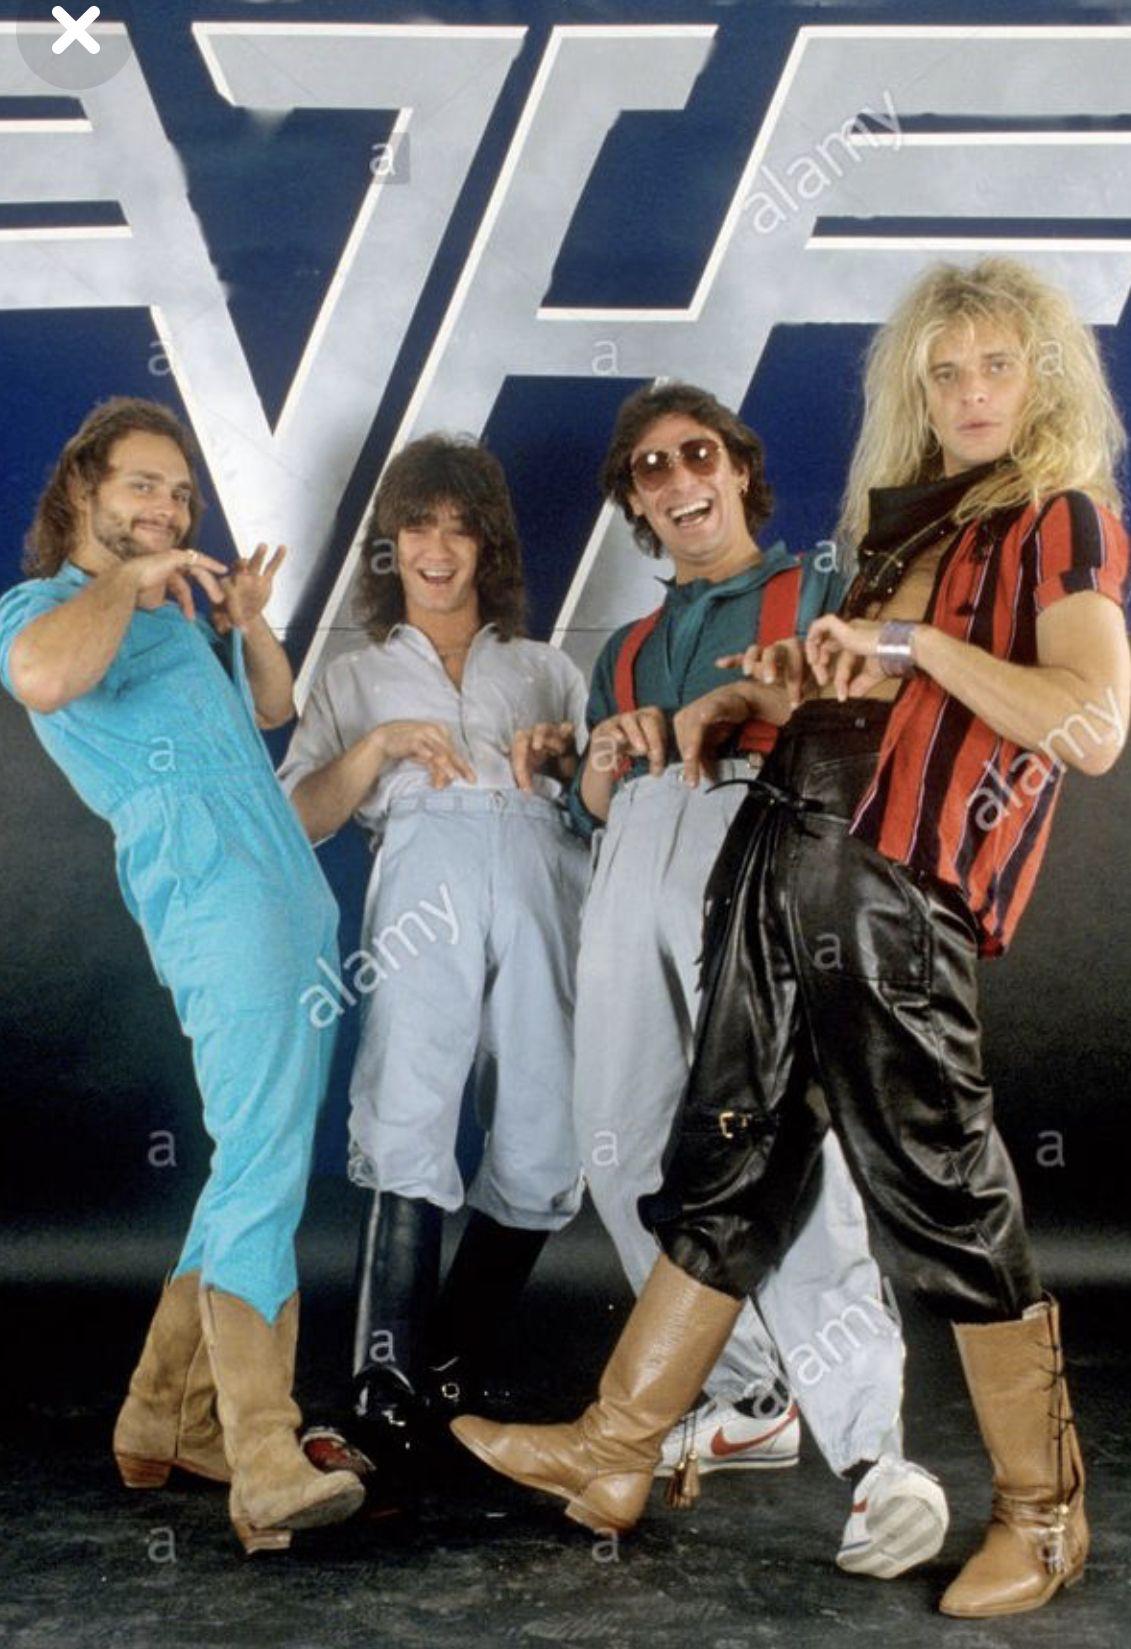 Pin By Russ On Eddie Van Halen In 2020 Van Halen Eddie Van Halen Greatest Rock Bands